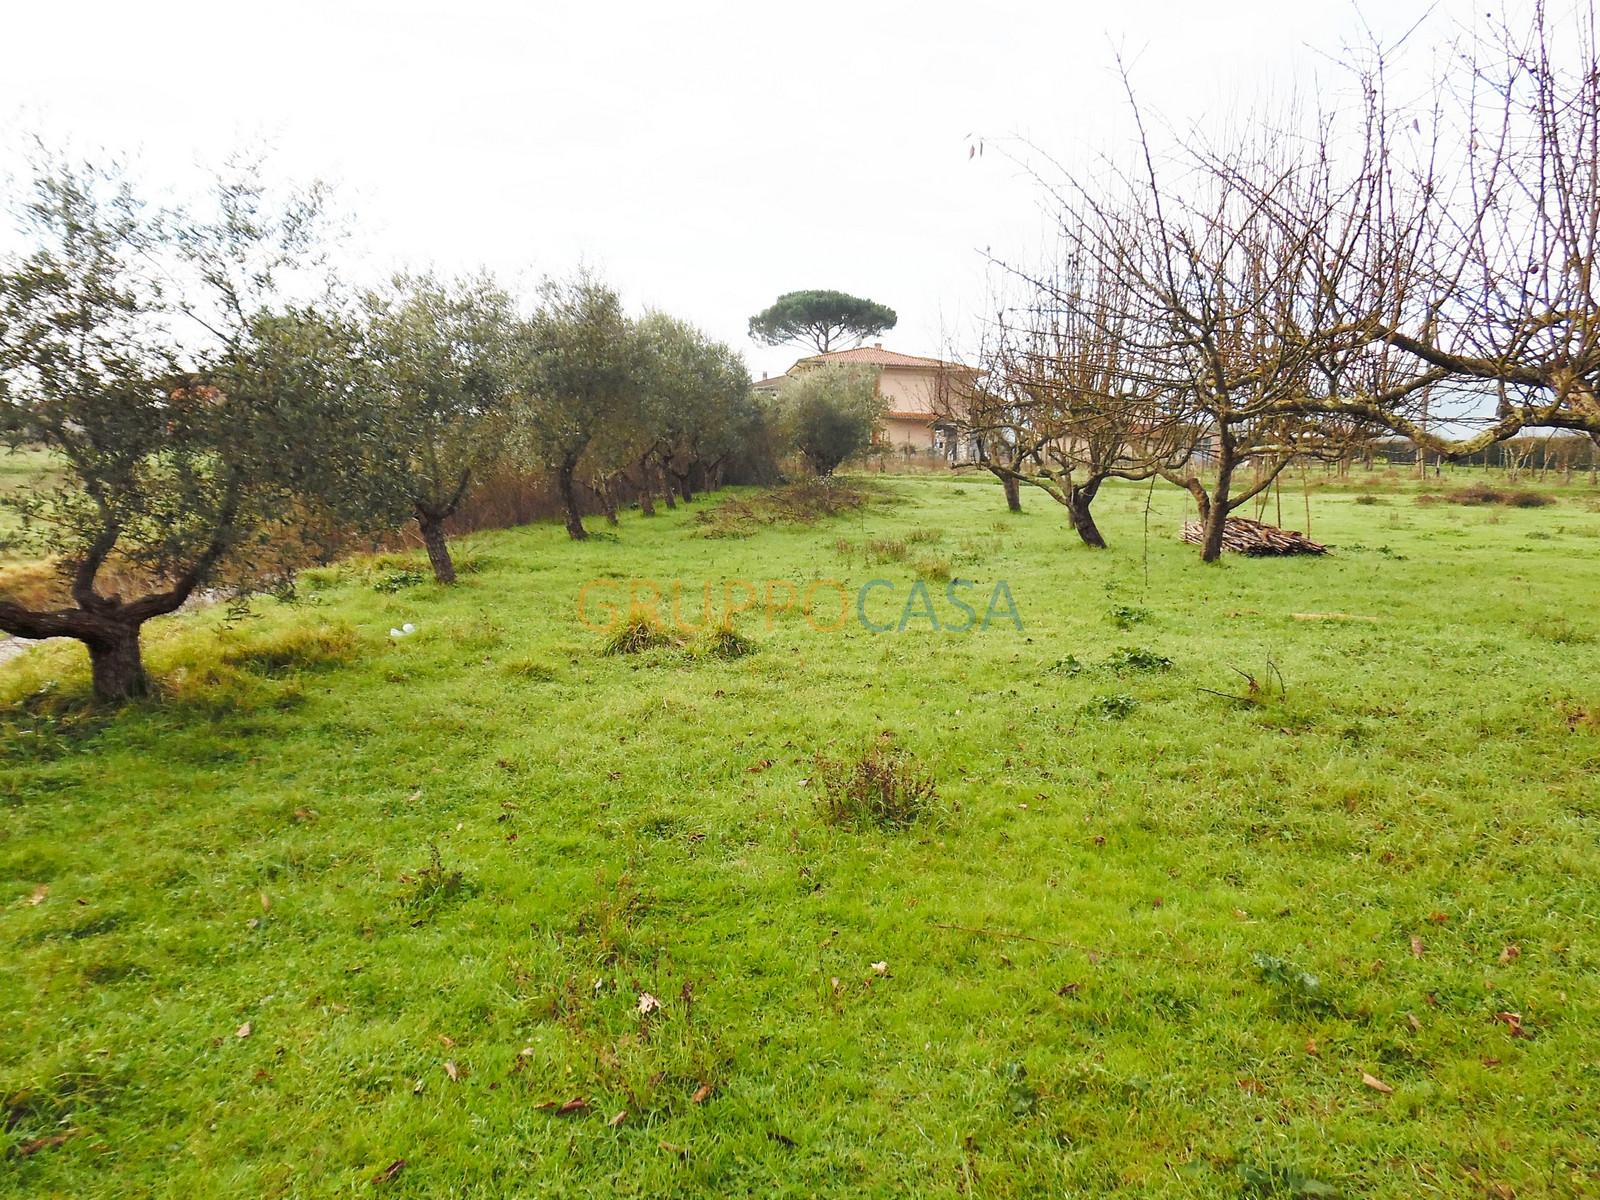 Terreno Agricolo in vendita a Castelfranco di Sotto, 9999 locali, zona Zona: Orentano, prezzo € 8.000 | Cambio Casa.it